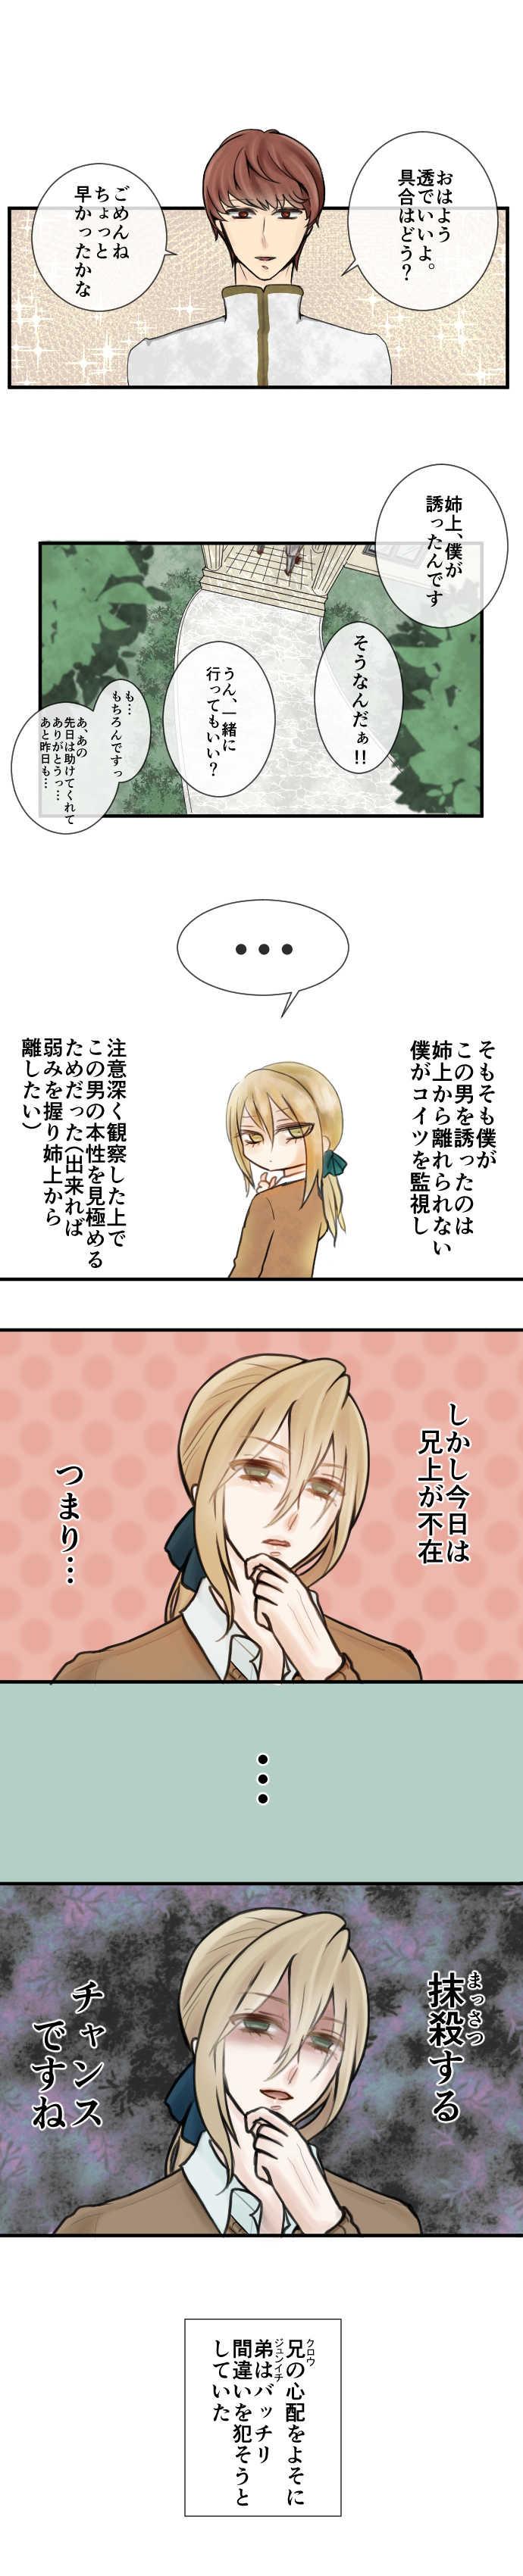 ワクワク☆潤一くんの楽しい抹殺計画